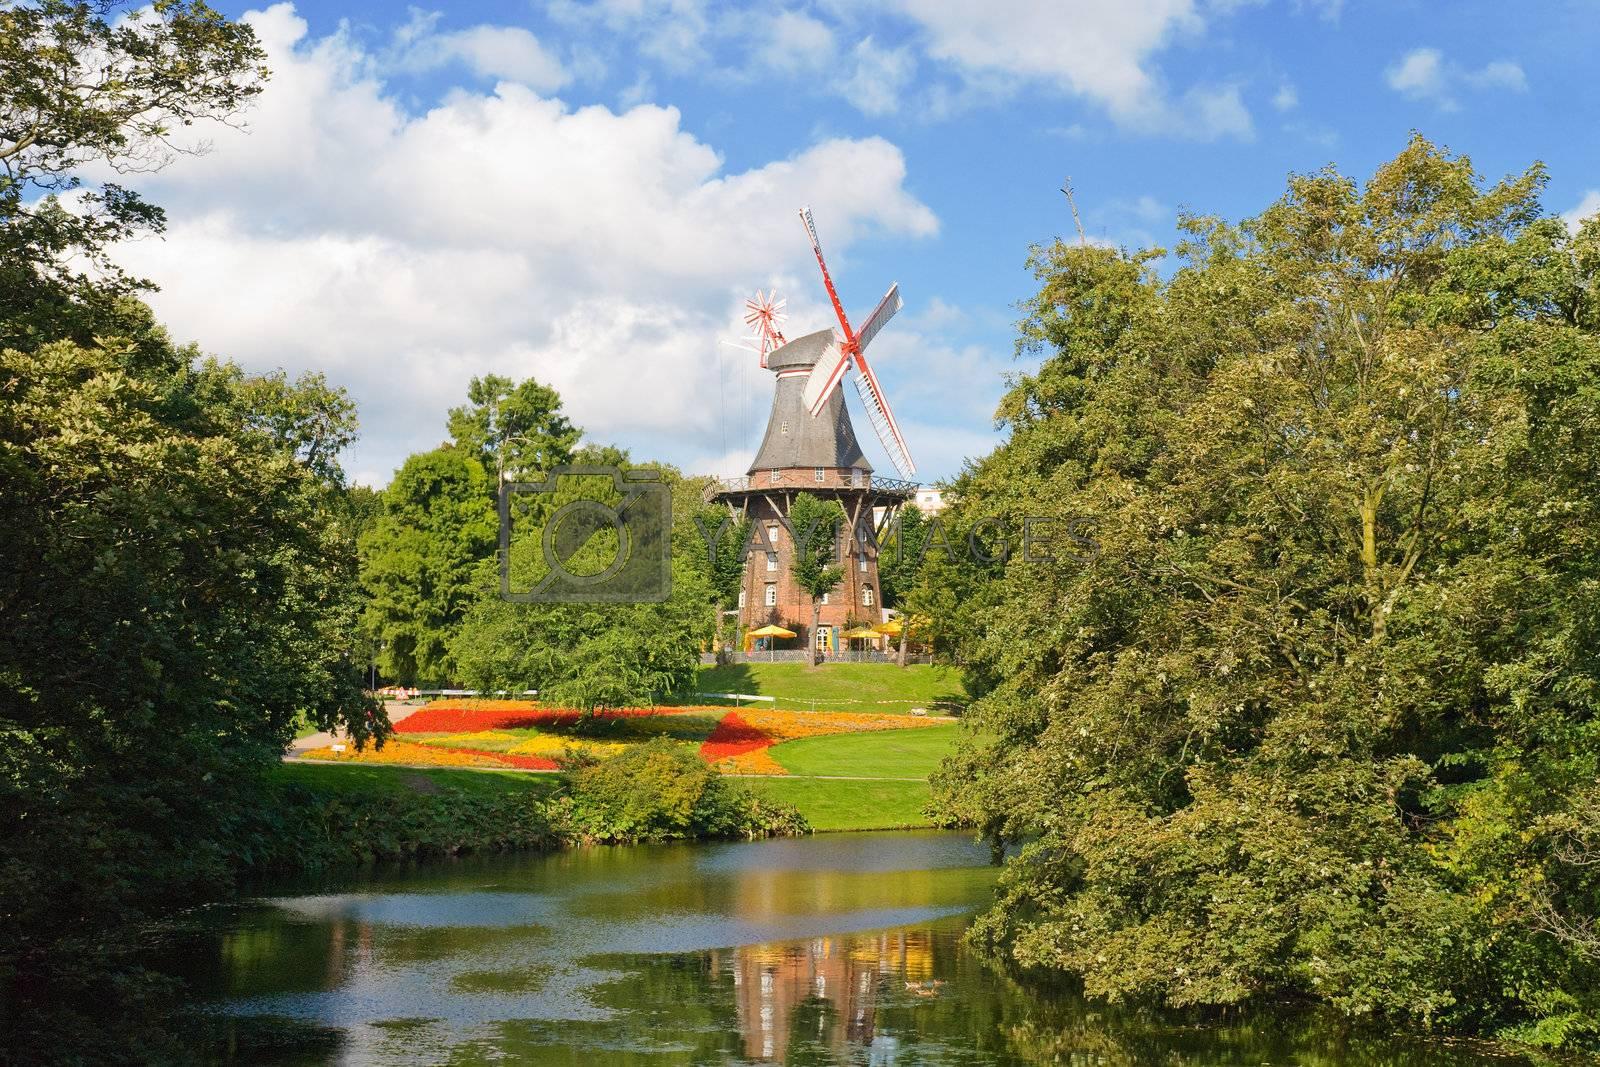 Windmill near a river in Bremen, Germany